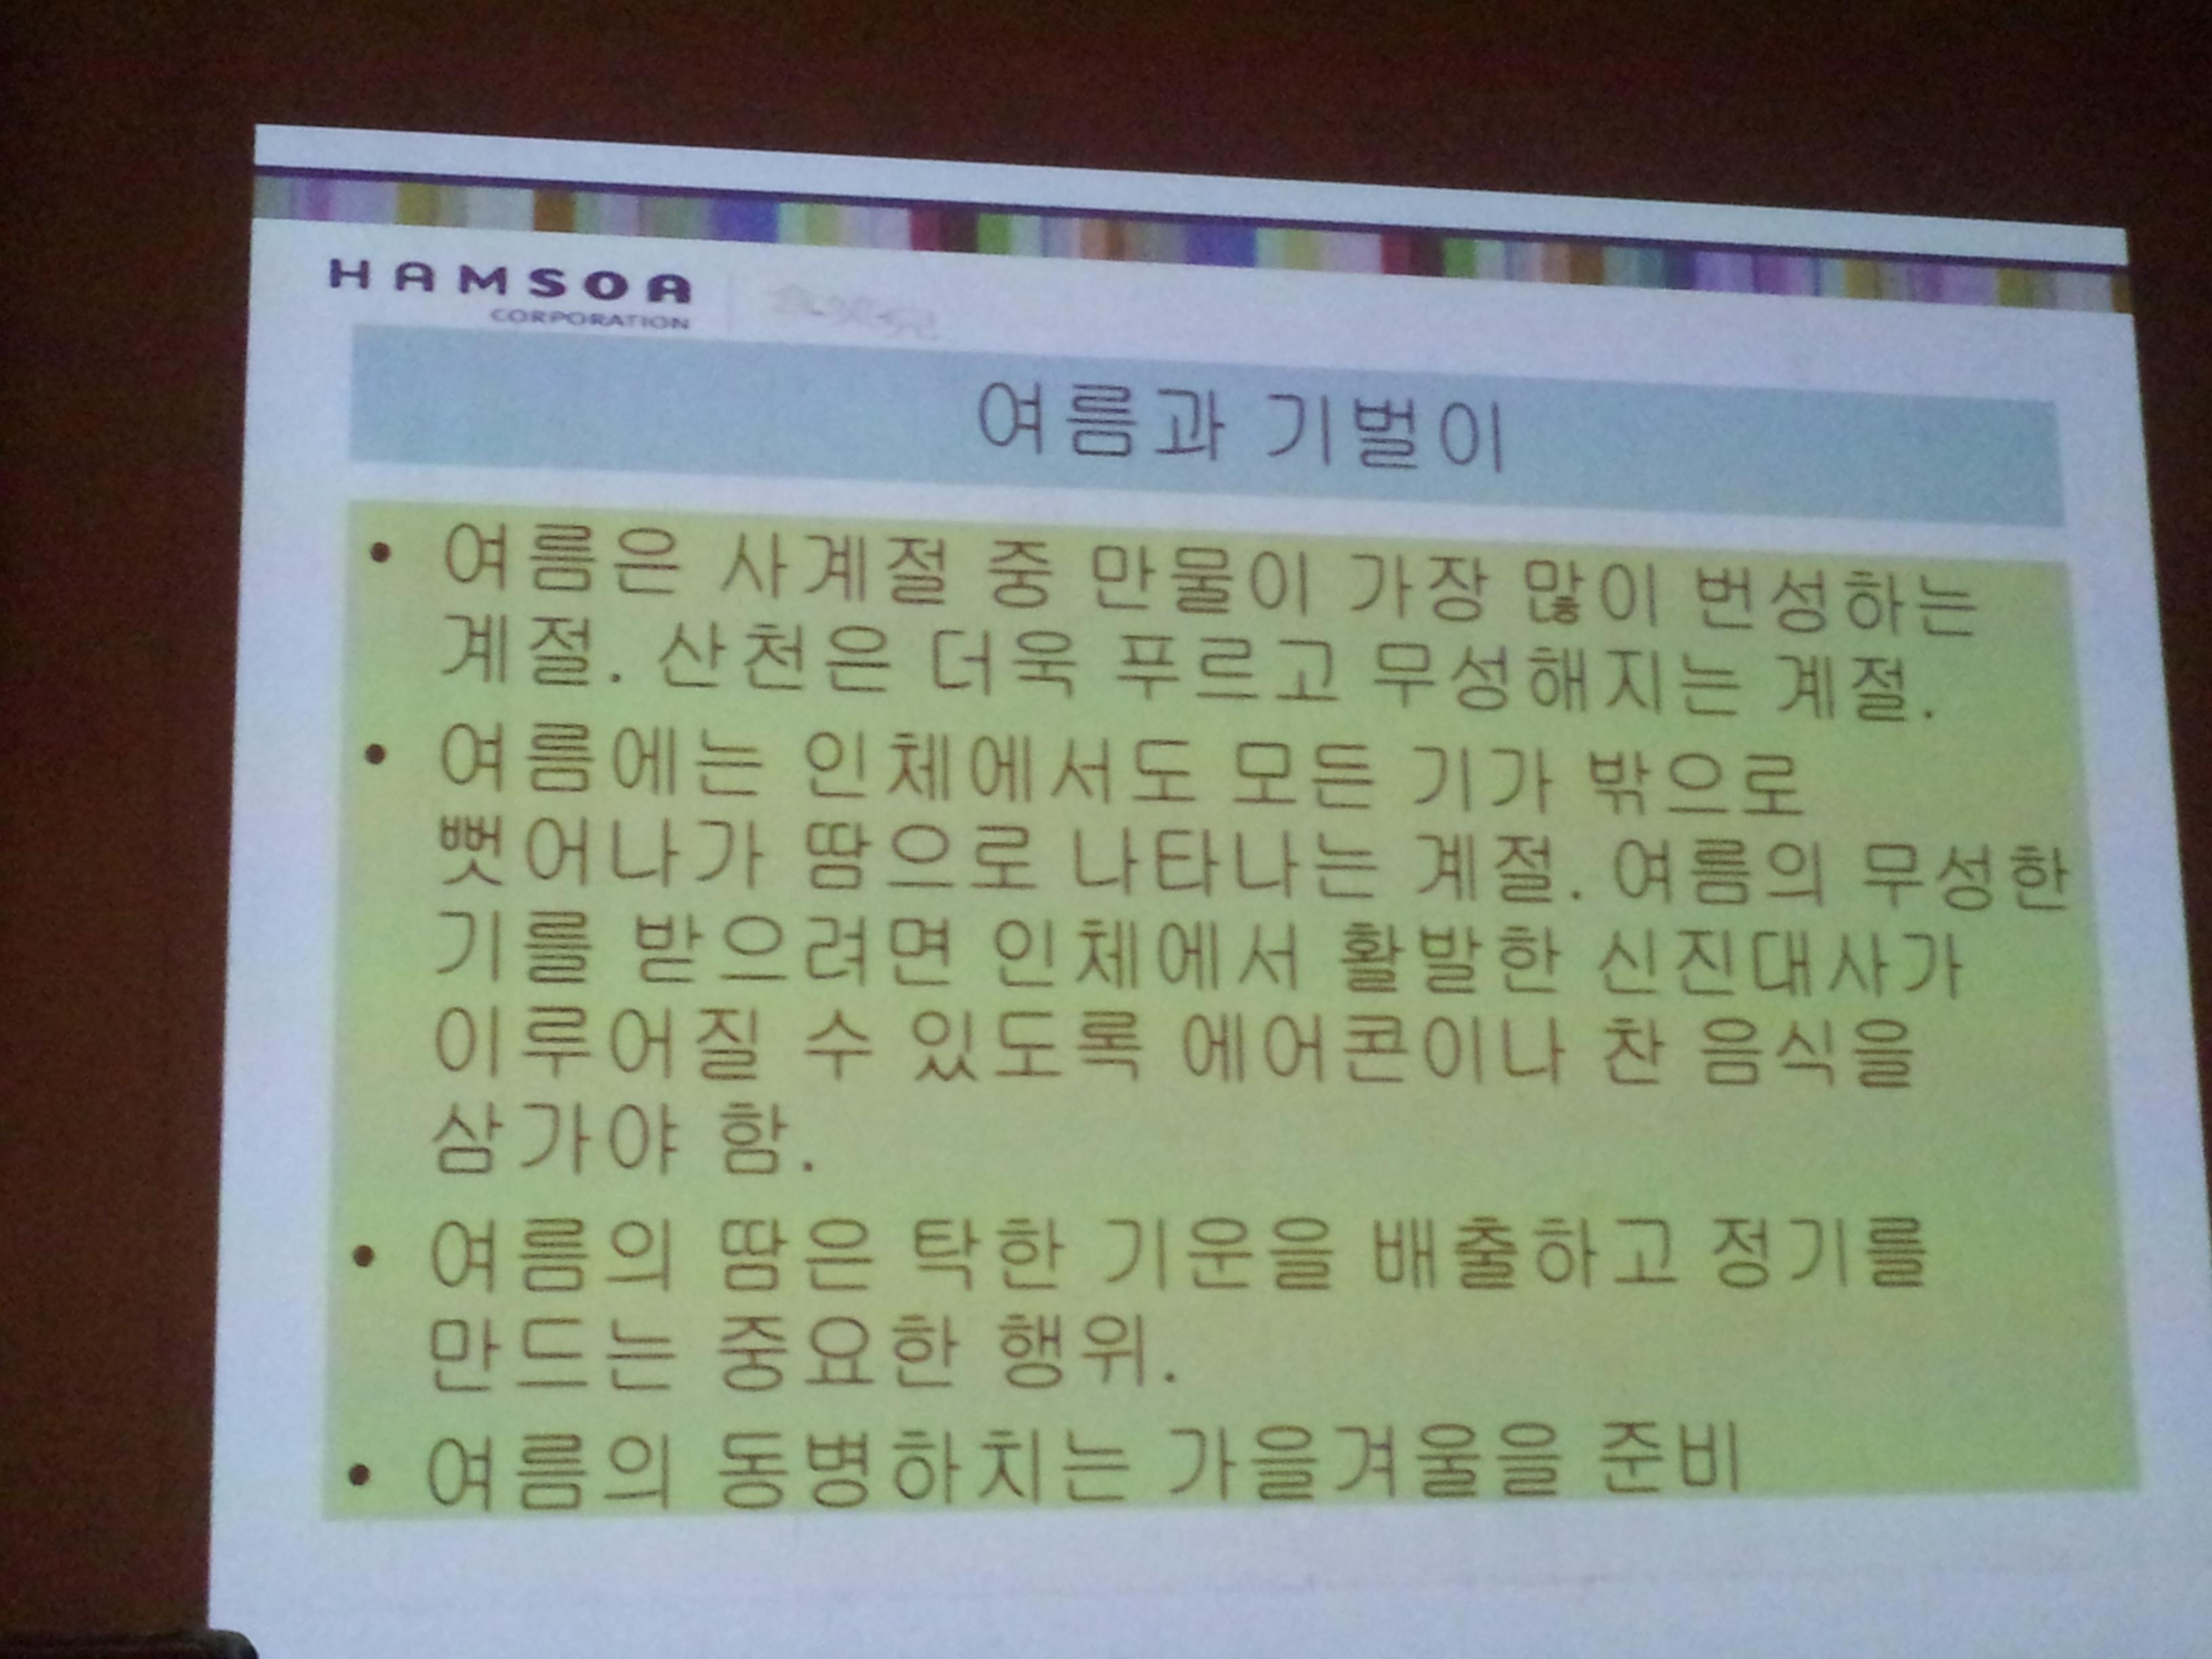 2012-09-25_14.29.40.jpg